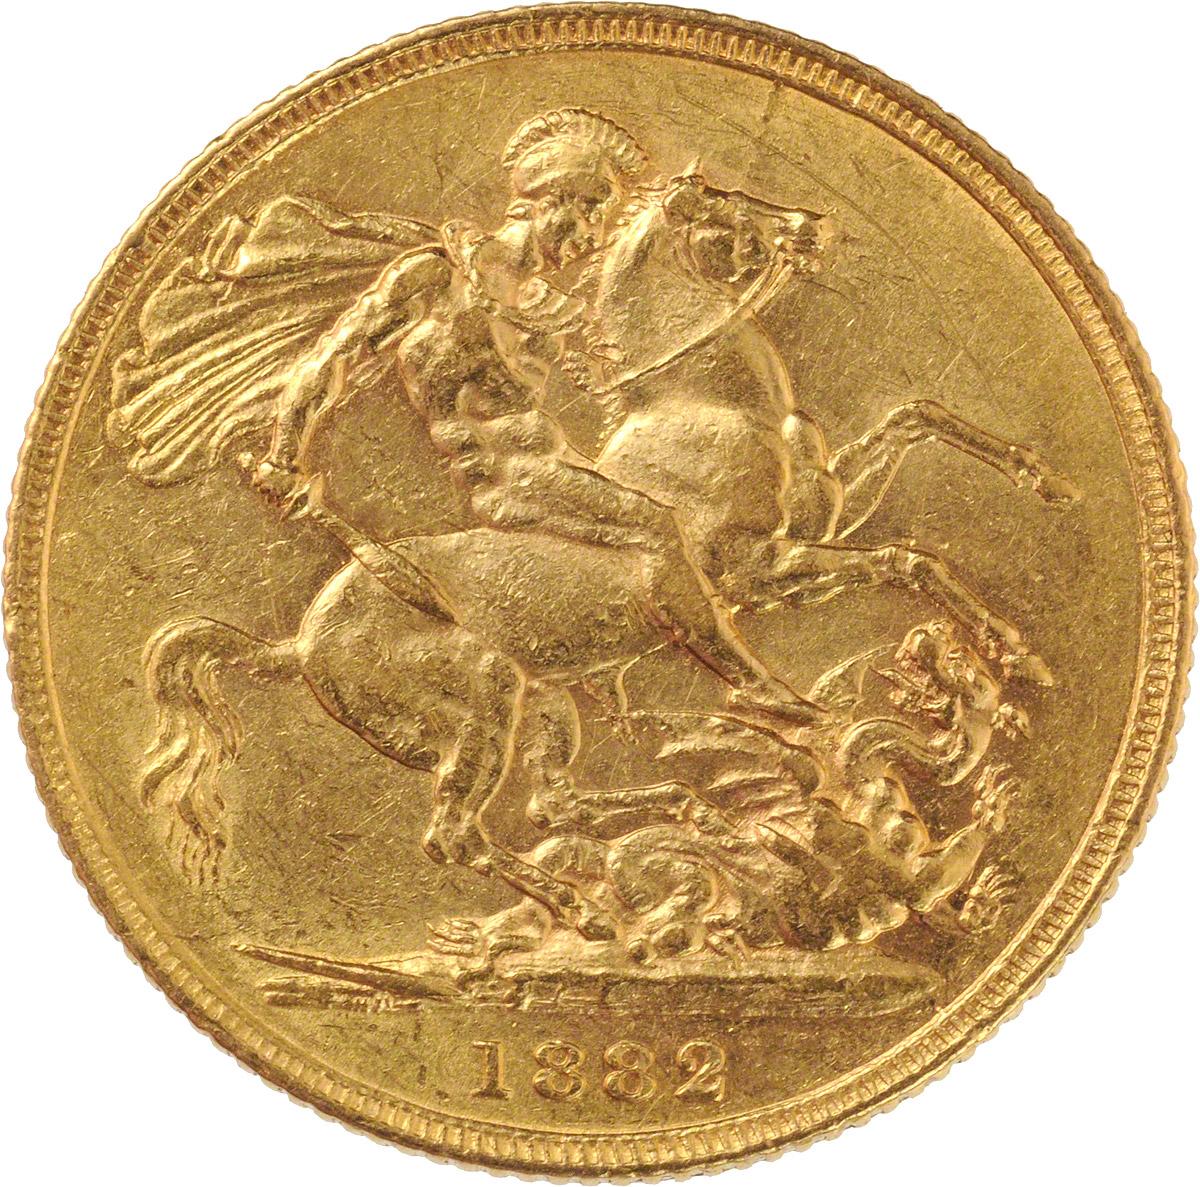 1882 Βικτώρια (Νομισματοκοπείο Σίδνεϊ)